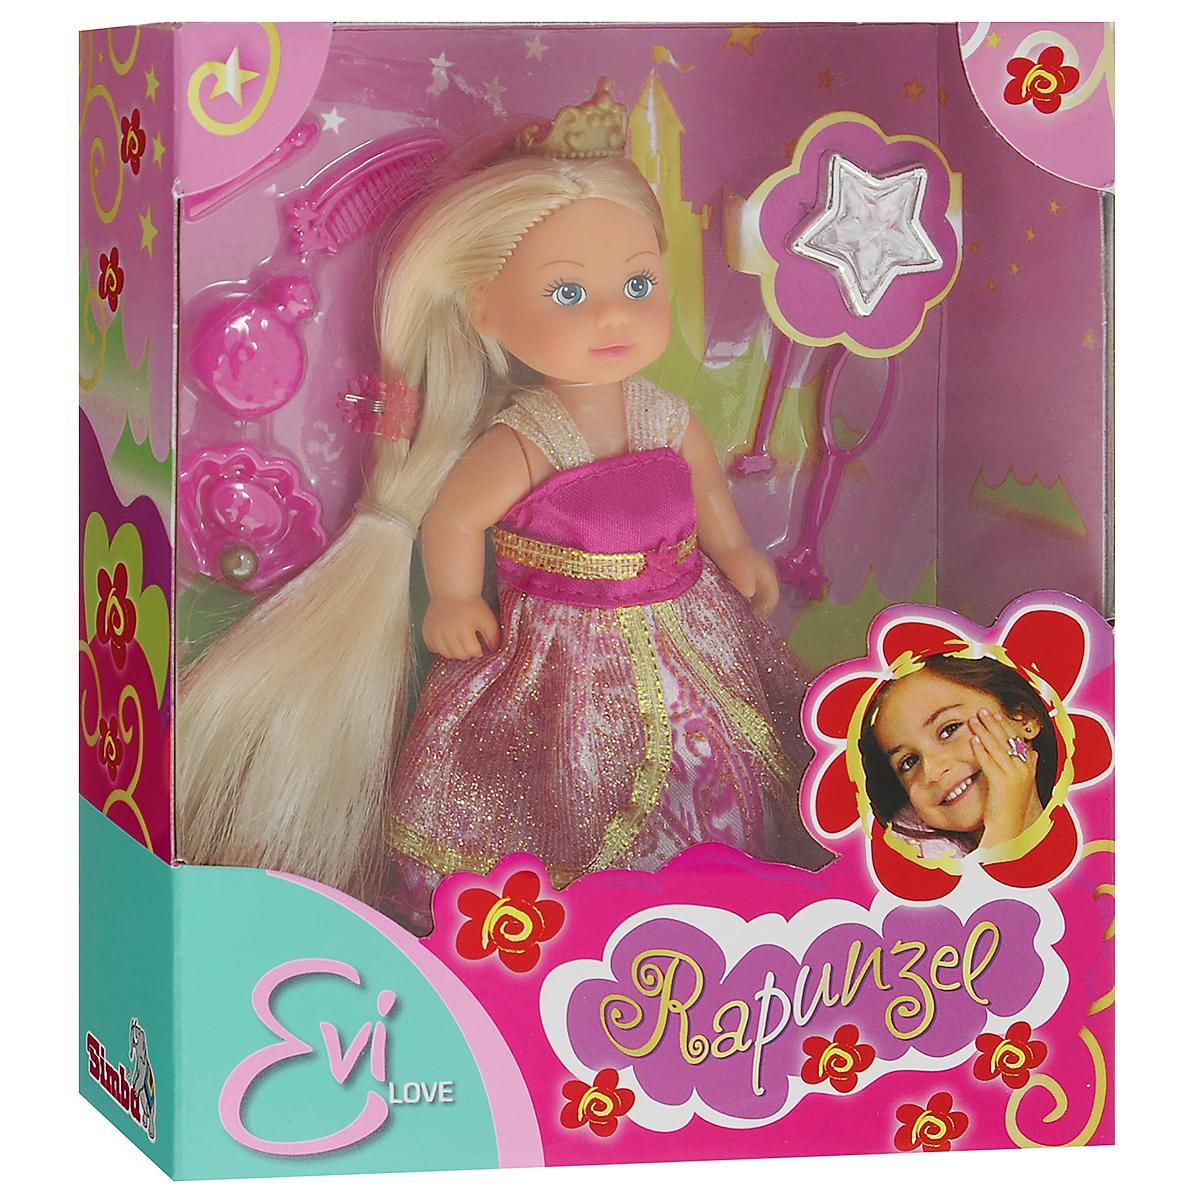 Simba Мини-кукла Еви Rapunzel5737057Кукла Simba Еви Rapunzel порадует любую девочку и надолго увлечет ее. В комплект входит кукла Еви, стильные аксессуары, а также модное кольцо для девочки. Малышка Еви одета роскошное платье принцессы, украшенное блестками. На голове у нее - корона, а волосы украшены заколкой. Вашей дочурке непременно понравится заплетать длинные белокурые волосы куклы, придумывая разнообразные прически. В комплект также входят дополнительные аксессуары - расческа, флакон духов, мыльница с мылом, зеркальце, волшебная палочка и тюбик с кремом, которые сделают игру еще интереснее. Руки, ноги и голова куклы подвижны, благодаря чему ей можно придавать разнообразные позы. Игры с куклой способствуют эмоциональному развитию, помогают формировать воображение и художественный вкус, а также разовьют в вашей малышке чувство ответственности и заботы. Великолепное качество исполнения делают эту куколку чудесным подарком к любому празднику.